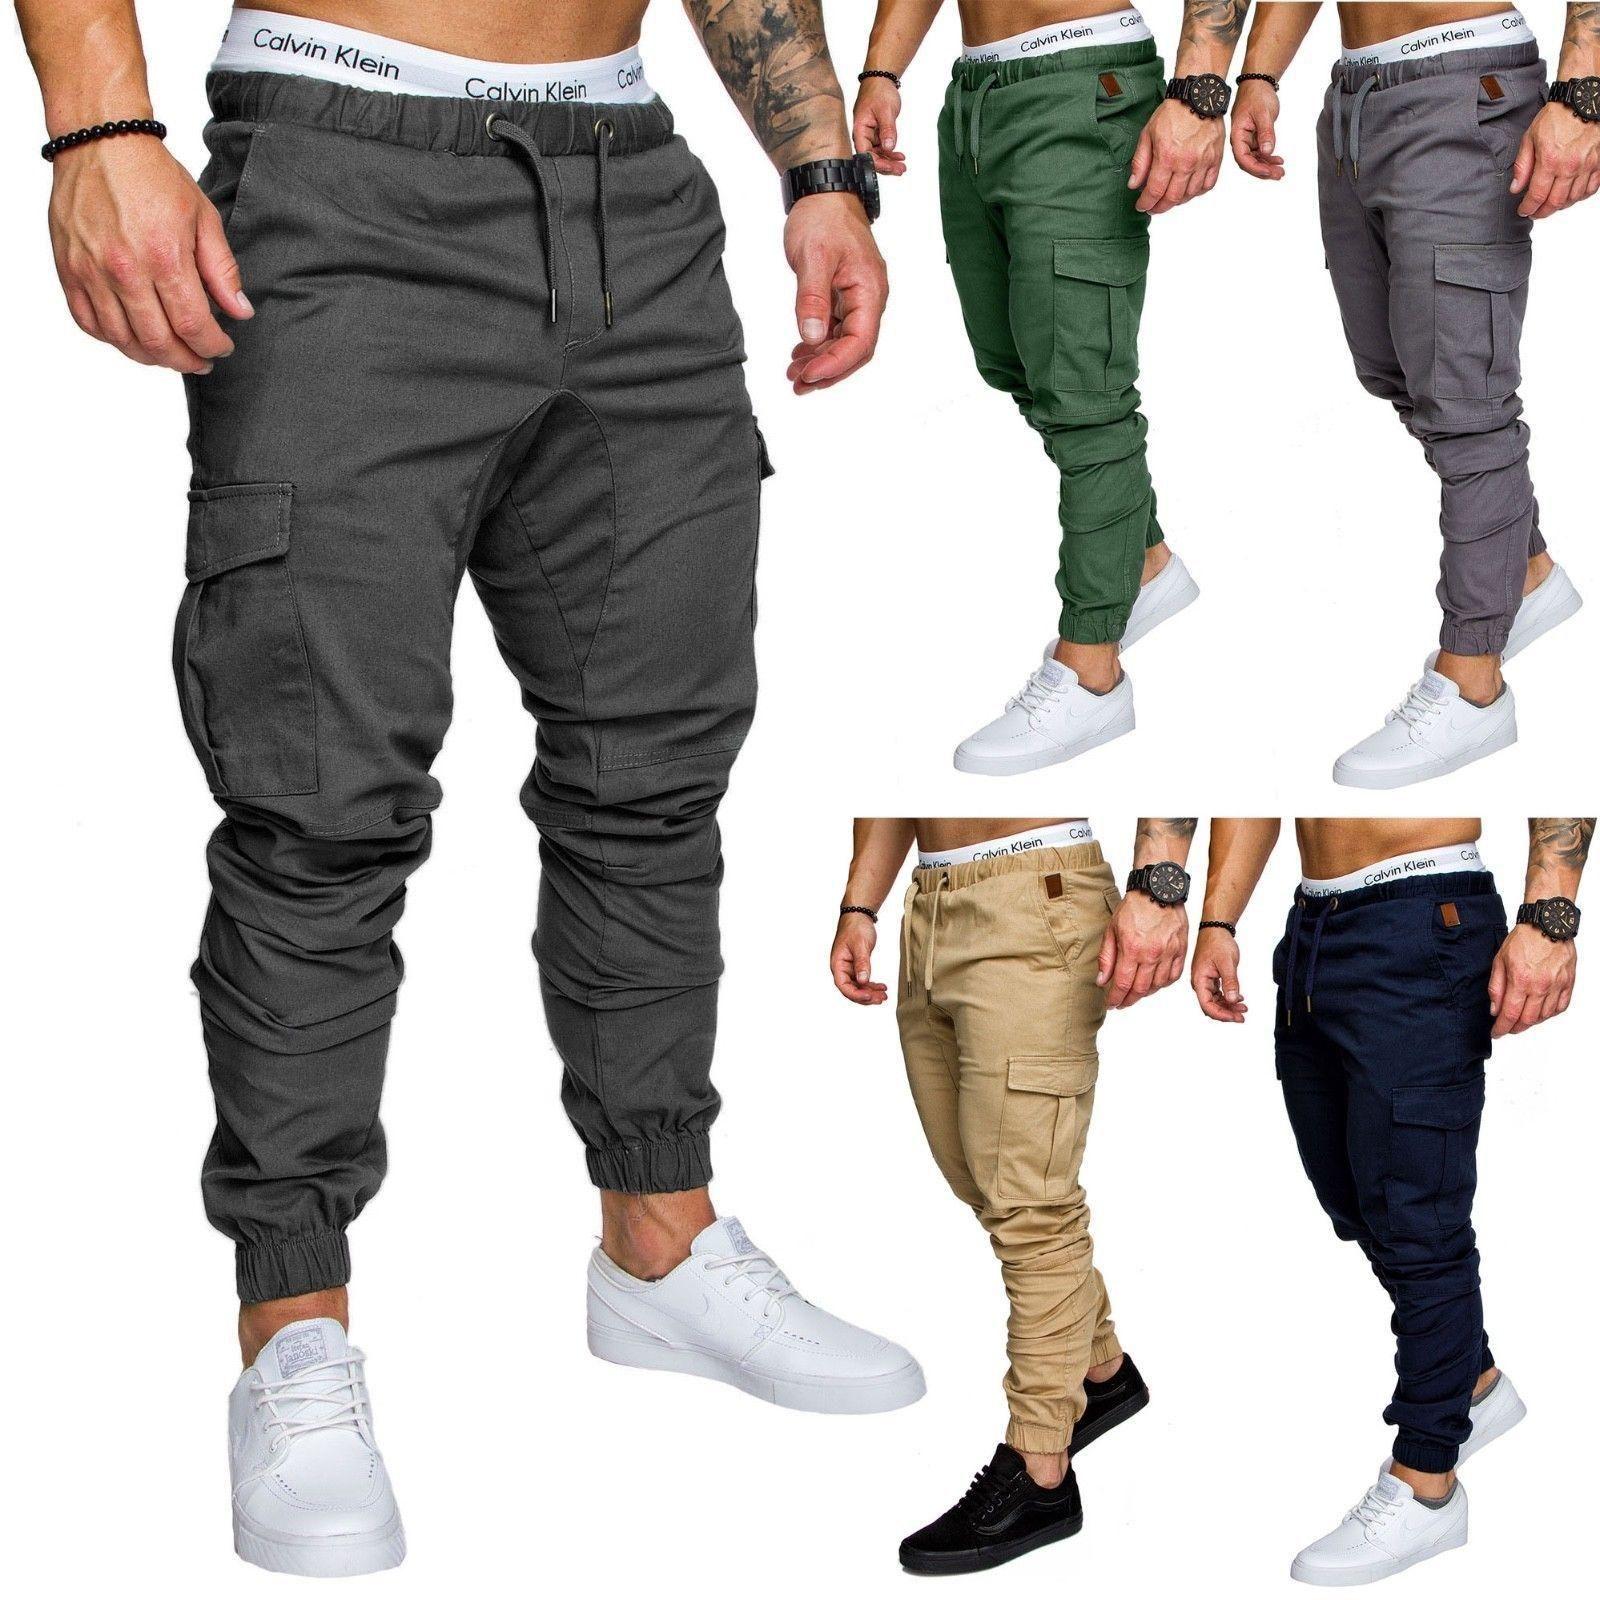 Marke der Herbst-Männer Hosen Hip Hop Harem Pants Joggers New Male Hose Mens Solide Multi-Pocket Cargohose Eng geschnittene Jogginghose